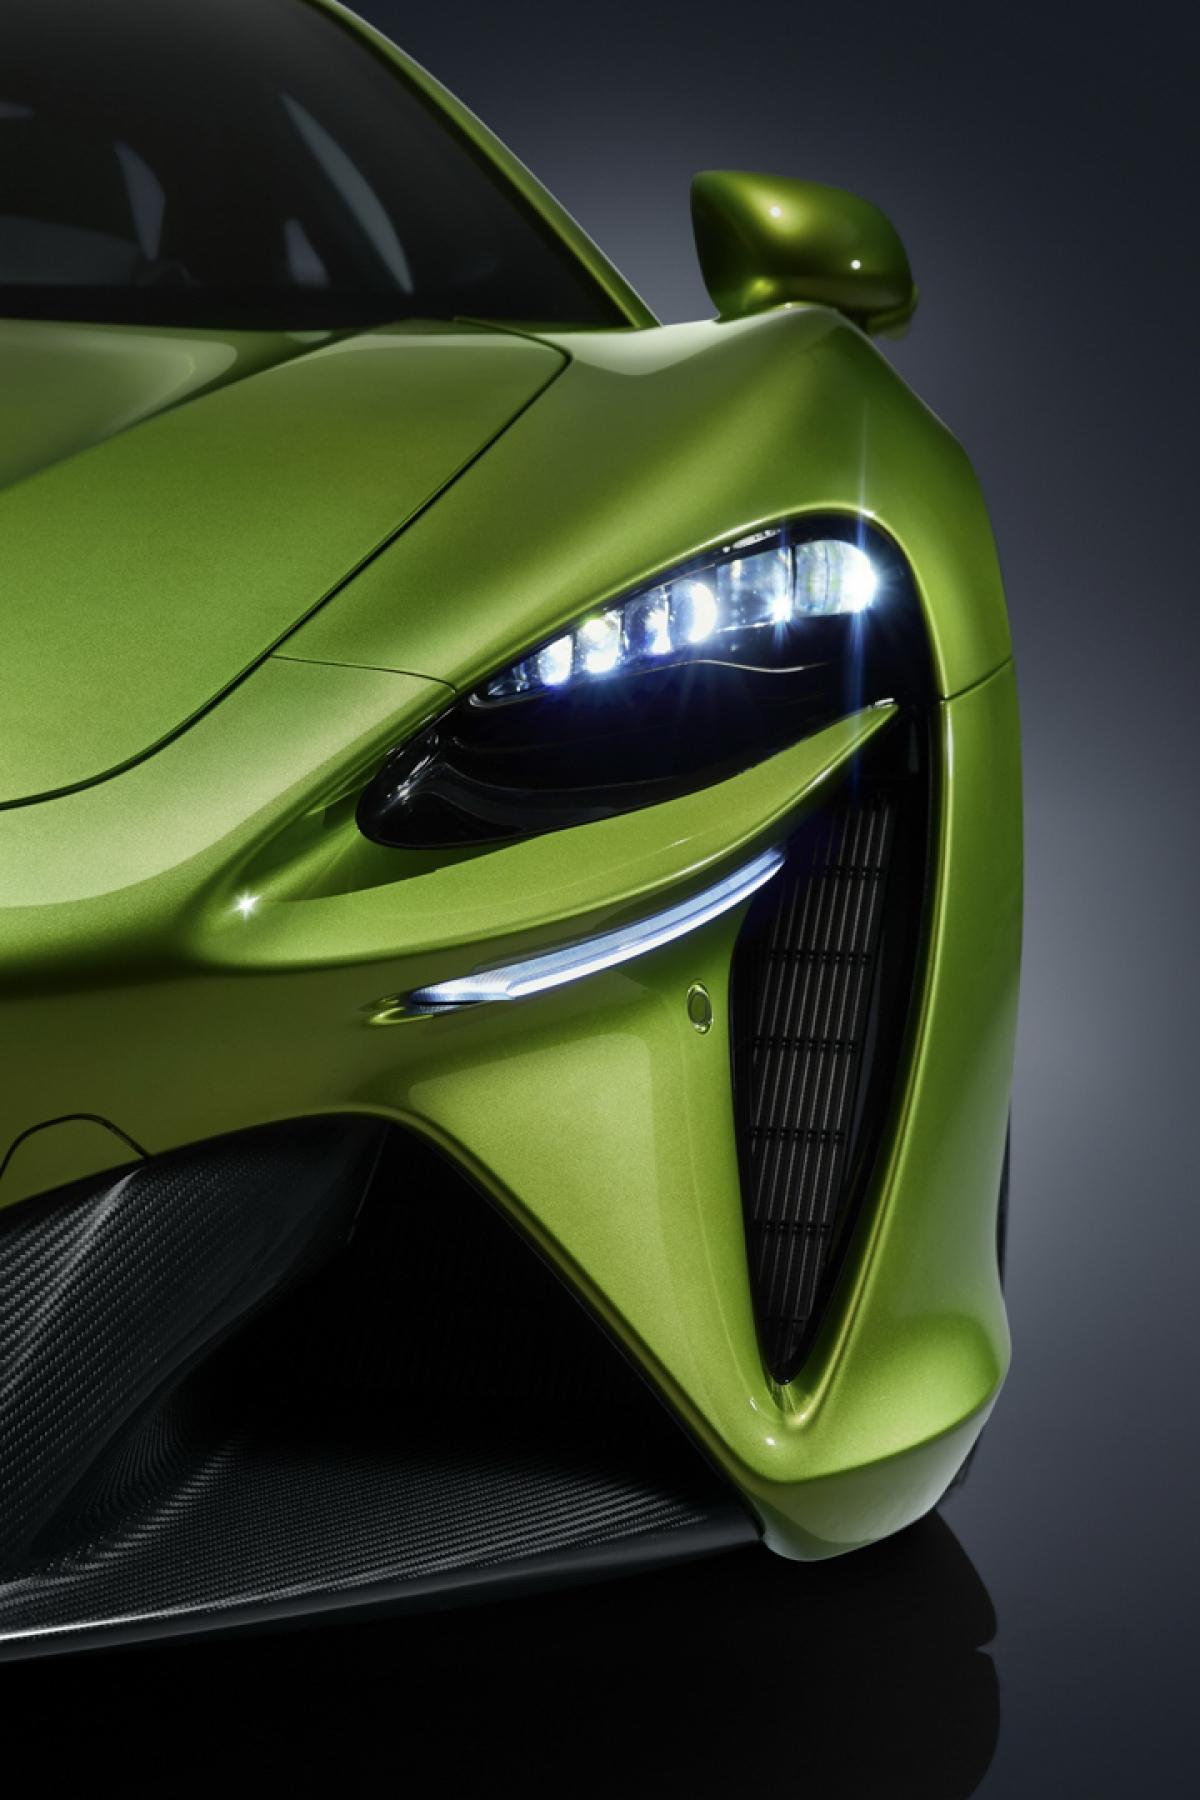 """McLaren Artura hoàn toàn mới sẽ có giá bán khởi điểm 225.000 USD và bắt đầu có mặt trên thị trường vào quý 3 năm nay. Hãng sẽ bán ra mẫu xe này với năm cấu hình gồm Performance với phối màu và các chi tiết ốp thể thao, TechLux mang đến sự sang trọng nhưng không kém phần """"high-tech"""" và Vision với các phối màu tương lai và đầy tính phiêu lưu."""